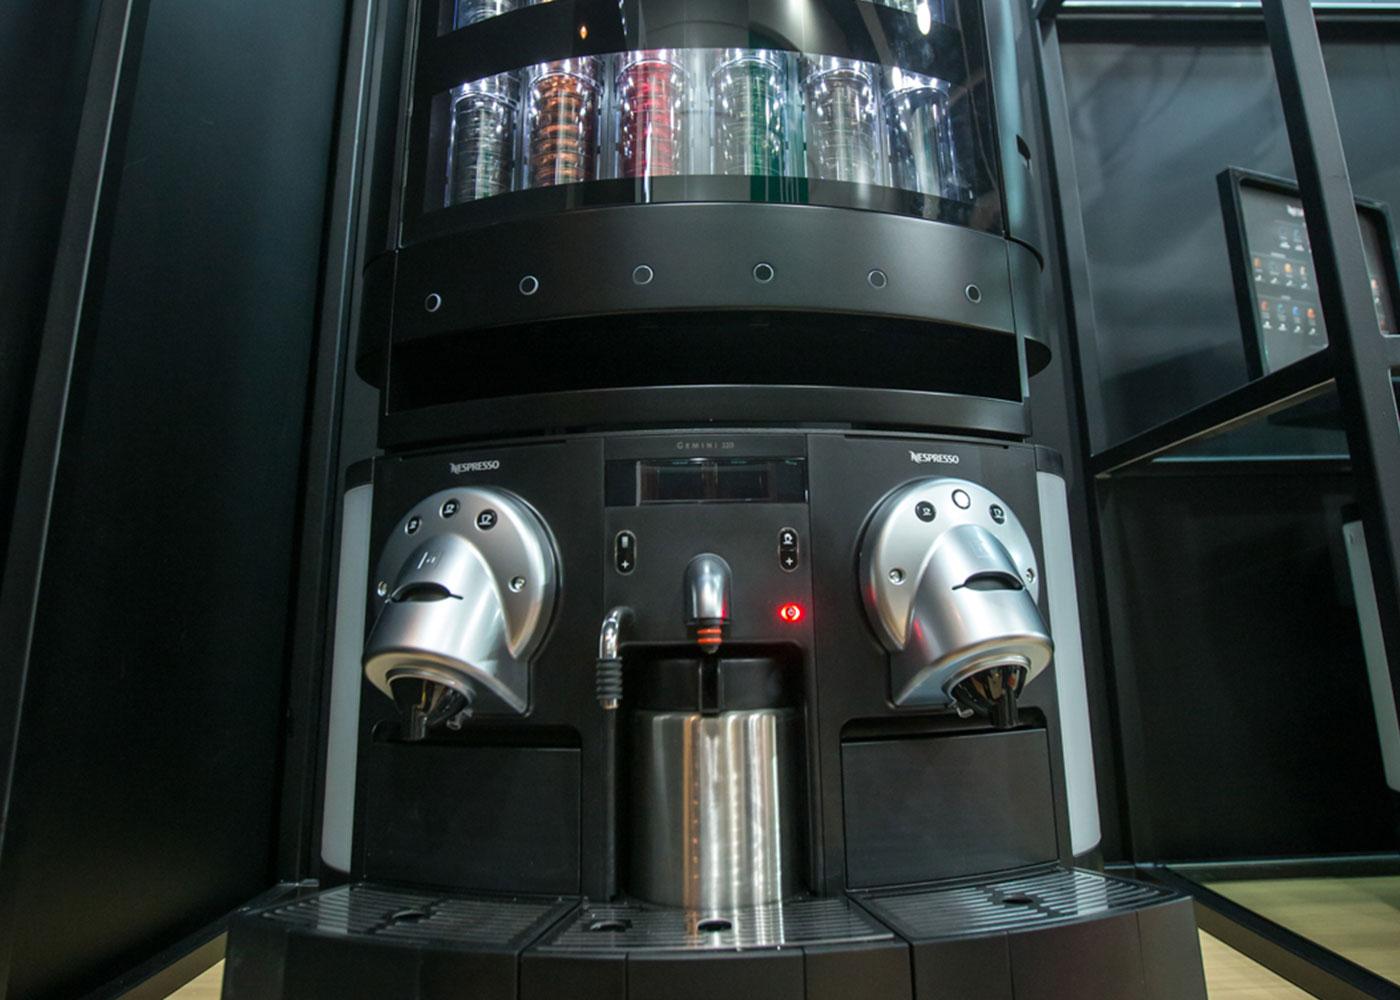 FreshUp, coffee machine, hot drinks, beverages, fast, convenient, smart, Nespresso